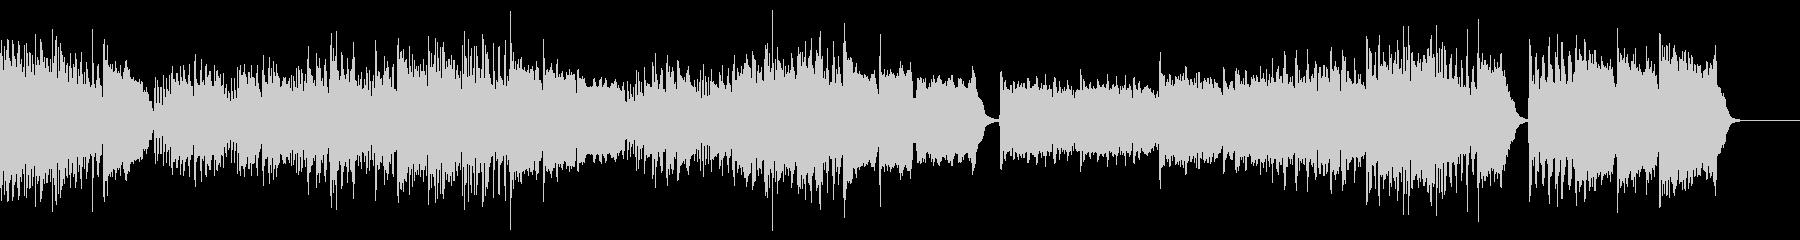 ラ・ペリのファンファーレの未再生の波形